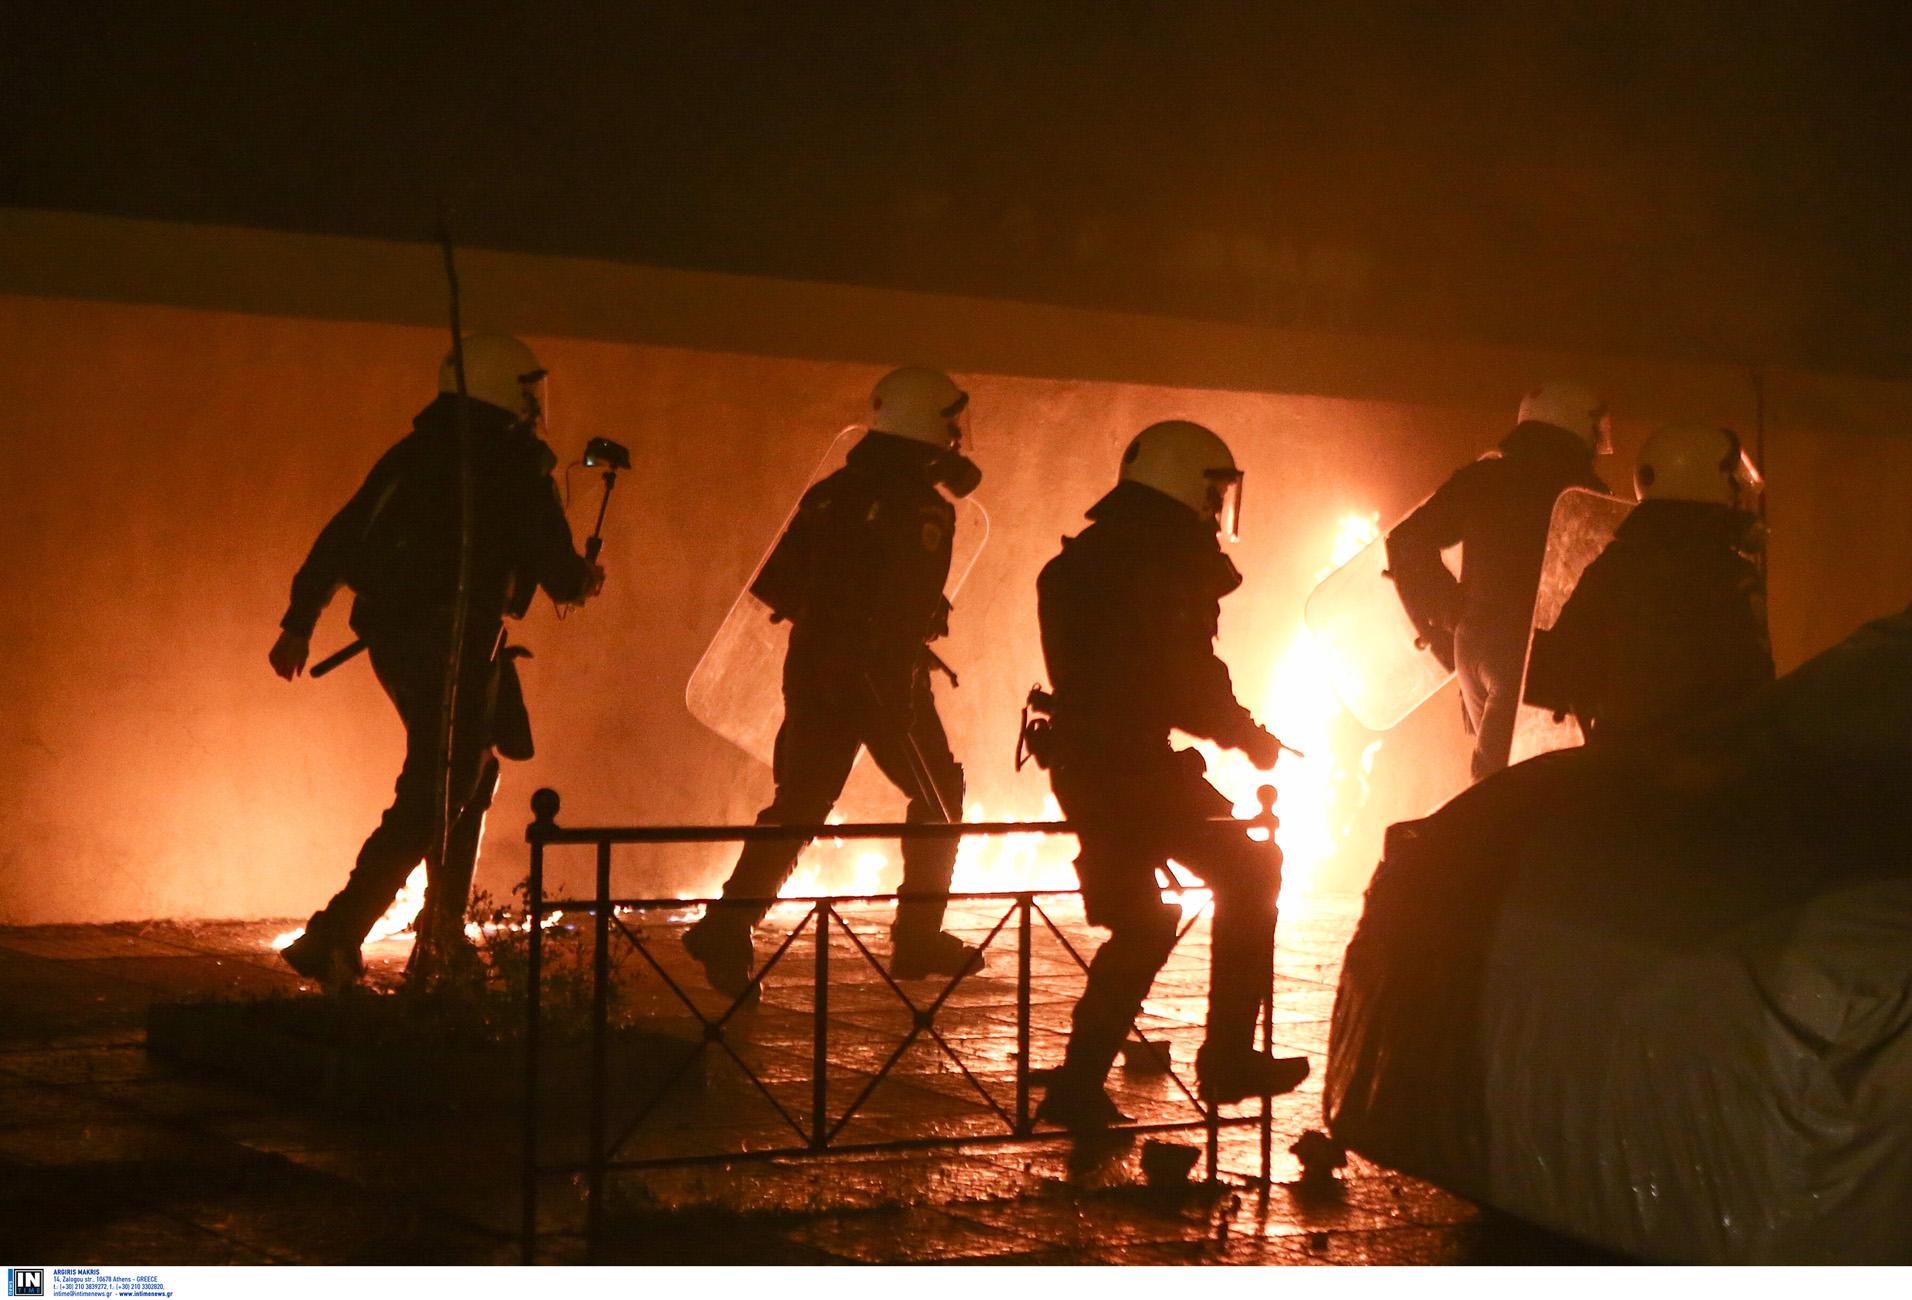 Πεδίο μάχης η Νέα Σμύρνη: Μολότοφ, χημικά φωτιές και πετροπόλεμος –  Τραυματίας ένας αστυνομικός